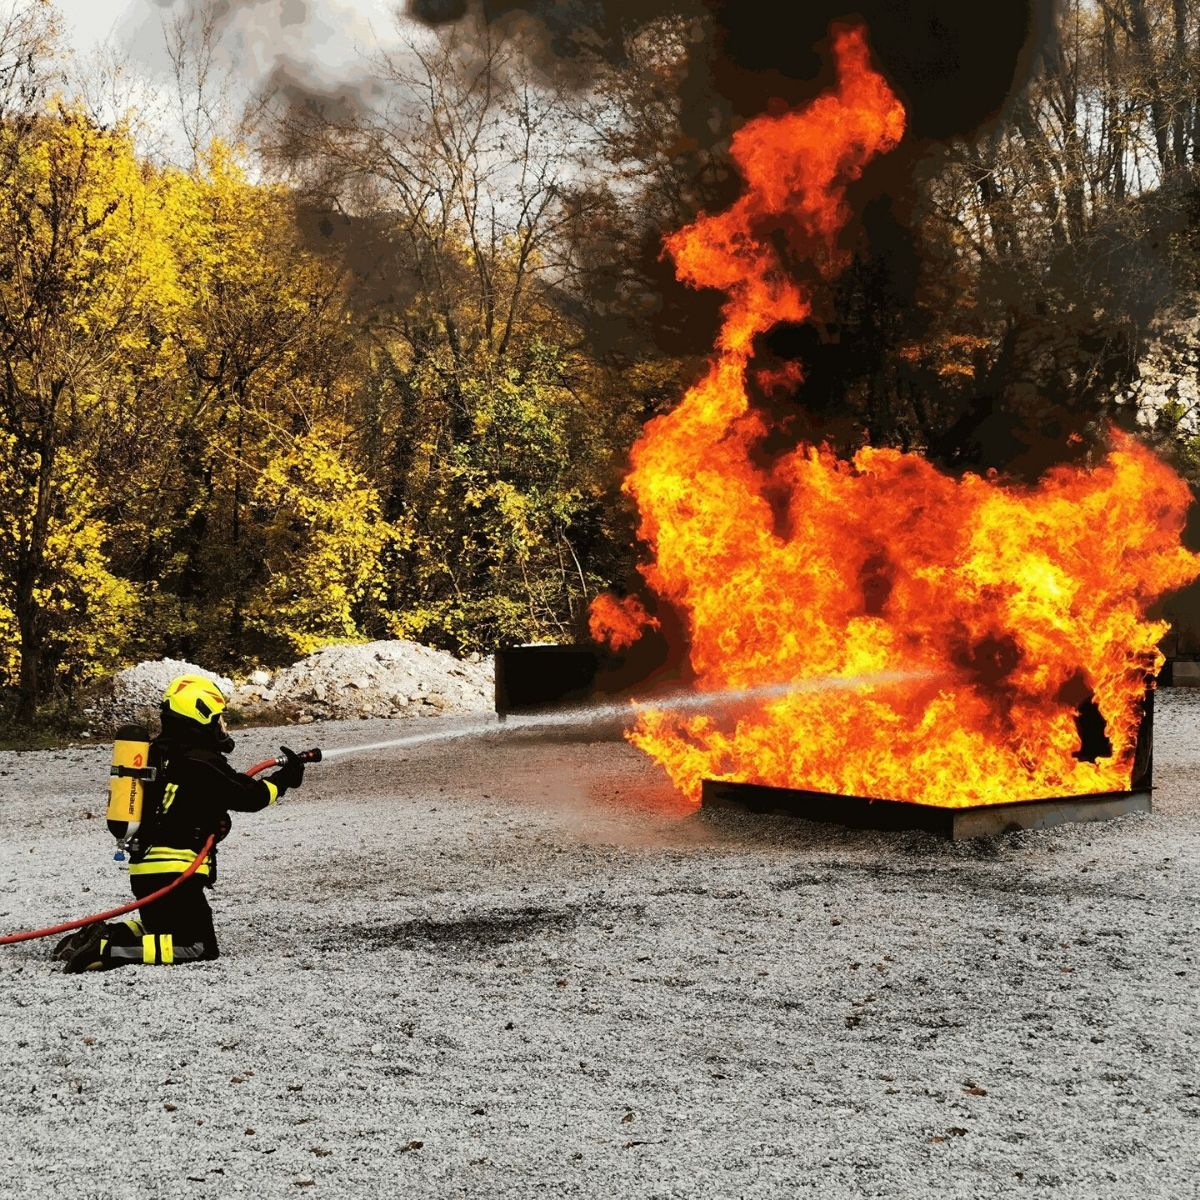 Feuerlösch-Trailer - Entdecken Sie hier die Besonderheiten des Feuerlösch-Trailers von Bonpet und sichern Sie sich Ihren eigenen Feuerlösch-Trailer.